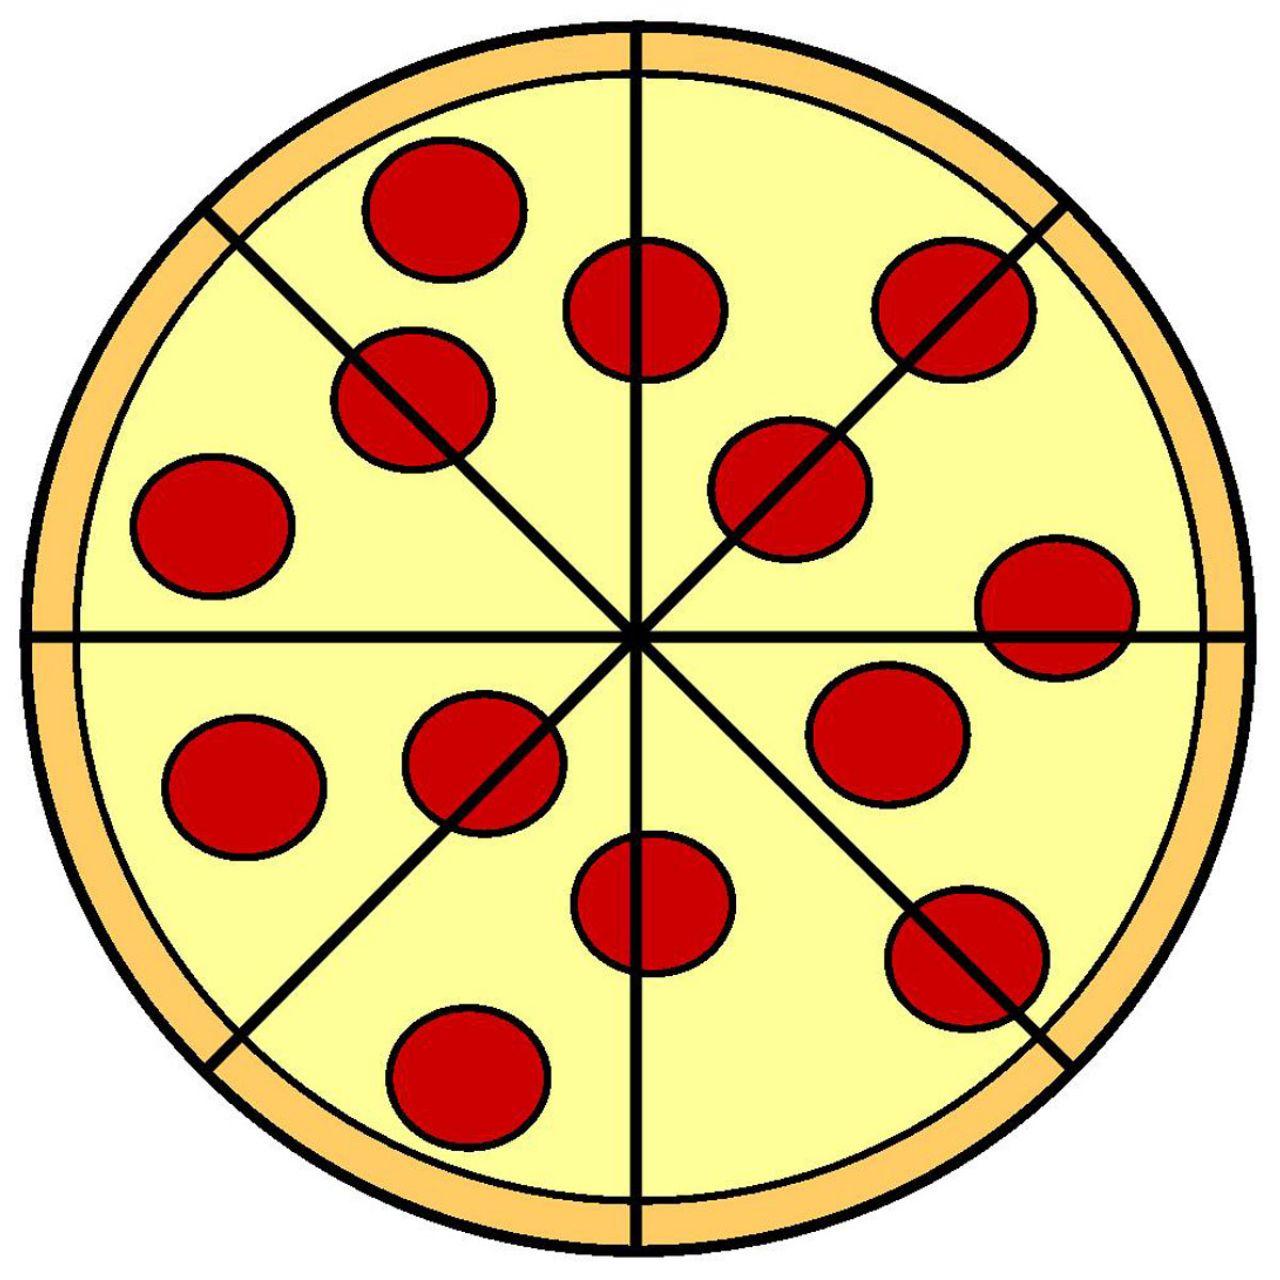 pepperoni pizza clip art clipart panda free clipart images rh clipartpanda com Sausage Pizza Slice Cheese Pizza